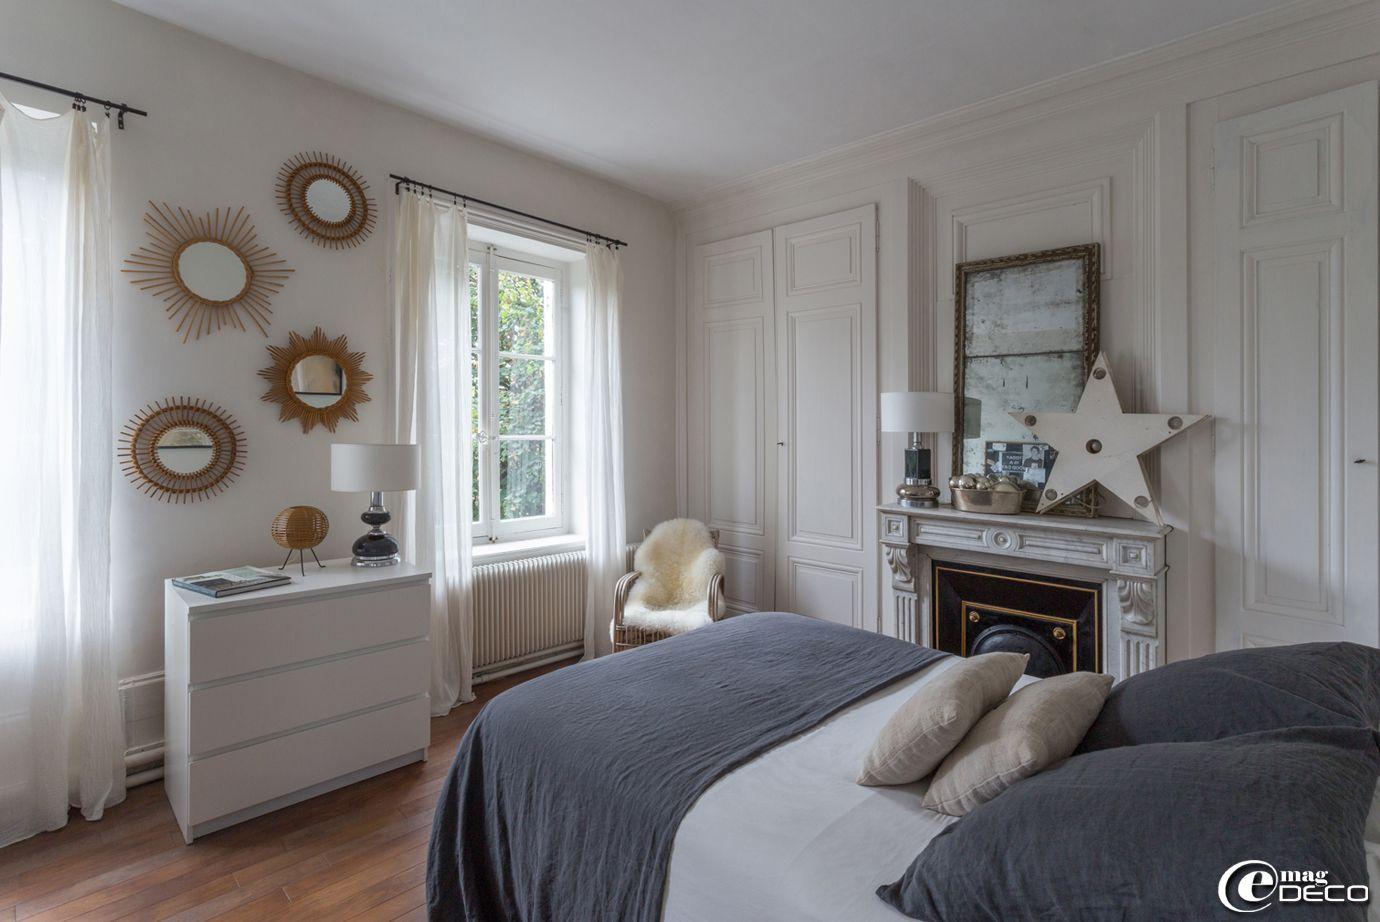 Dans une chambre linge de lit en lin lav 39 baralinge 39 commode blanche 39 ikea 39 bedrooms home - Ikea linge de maison ...